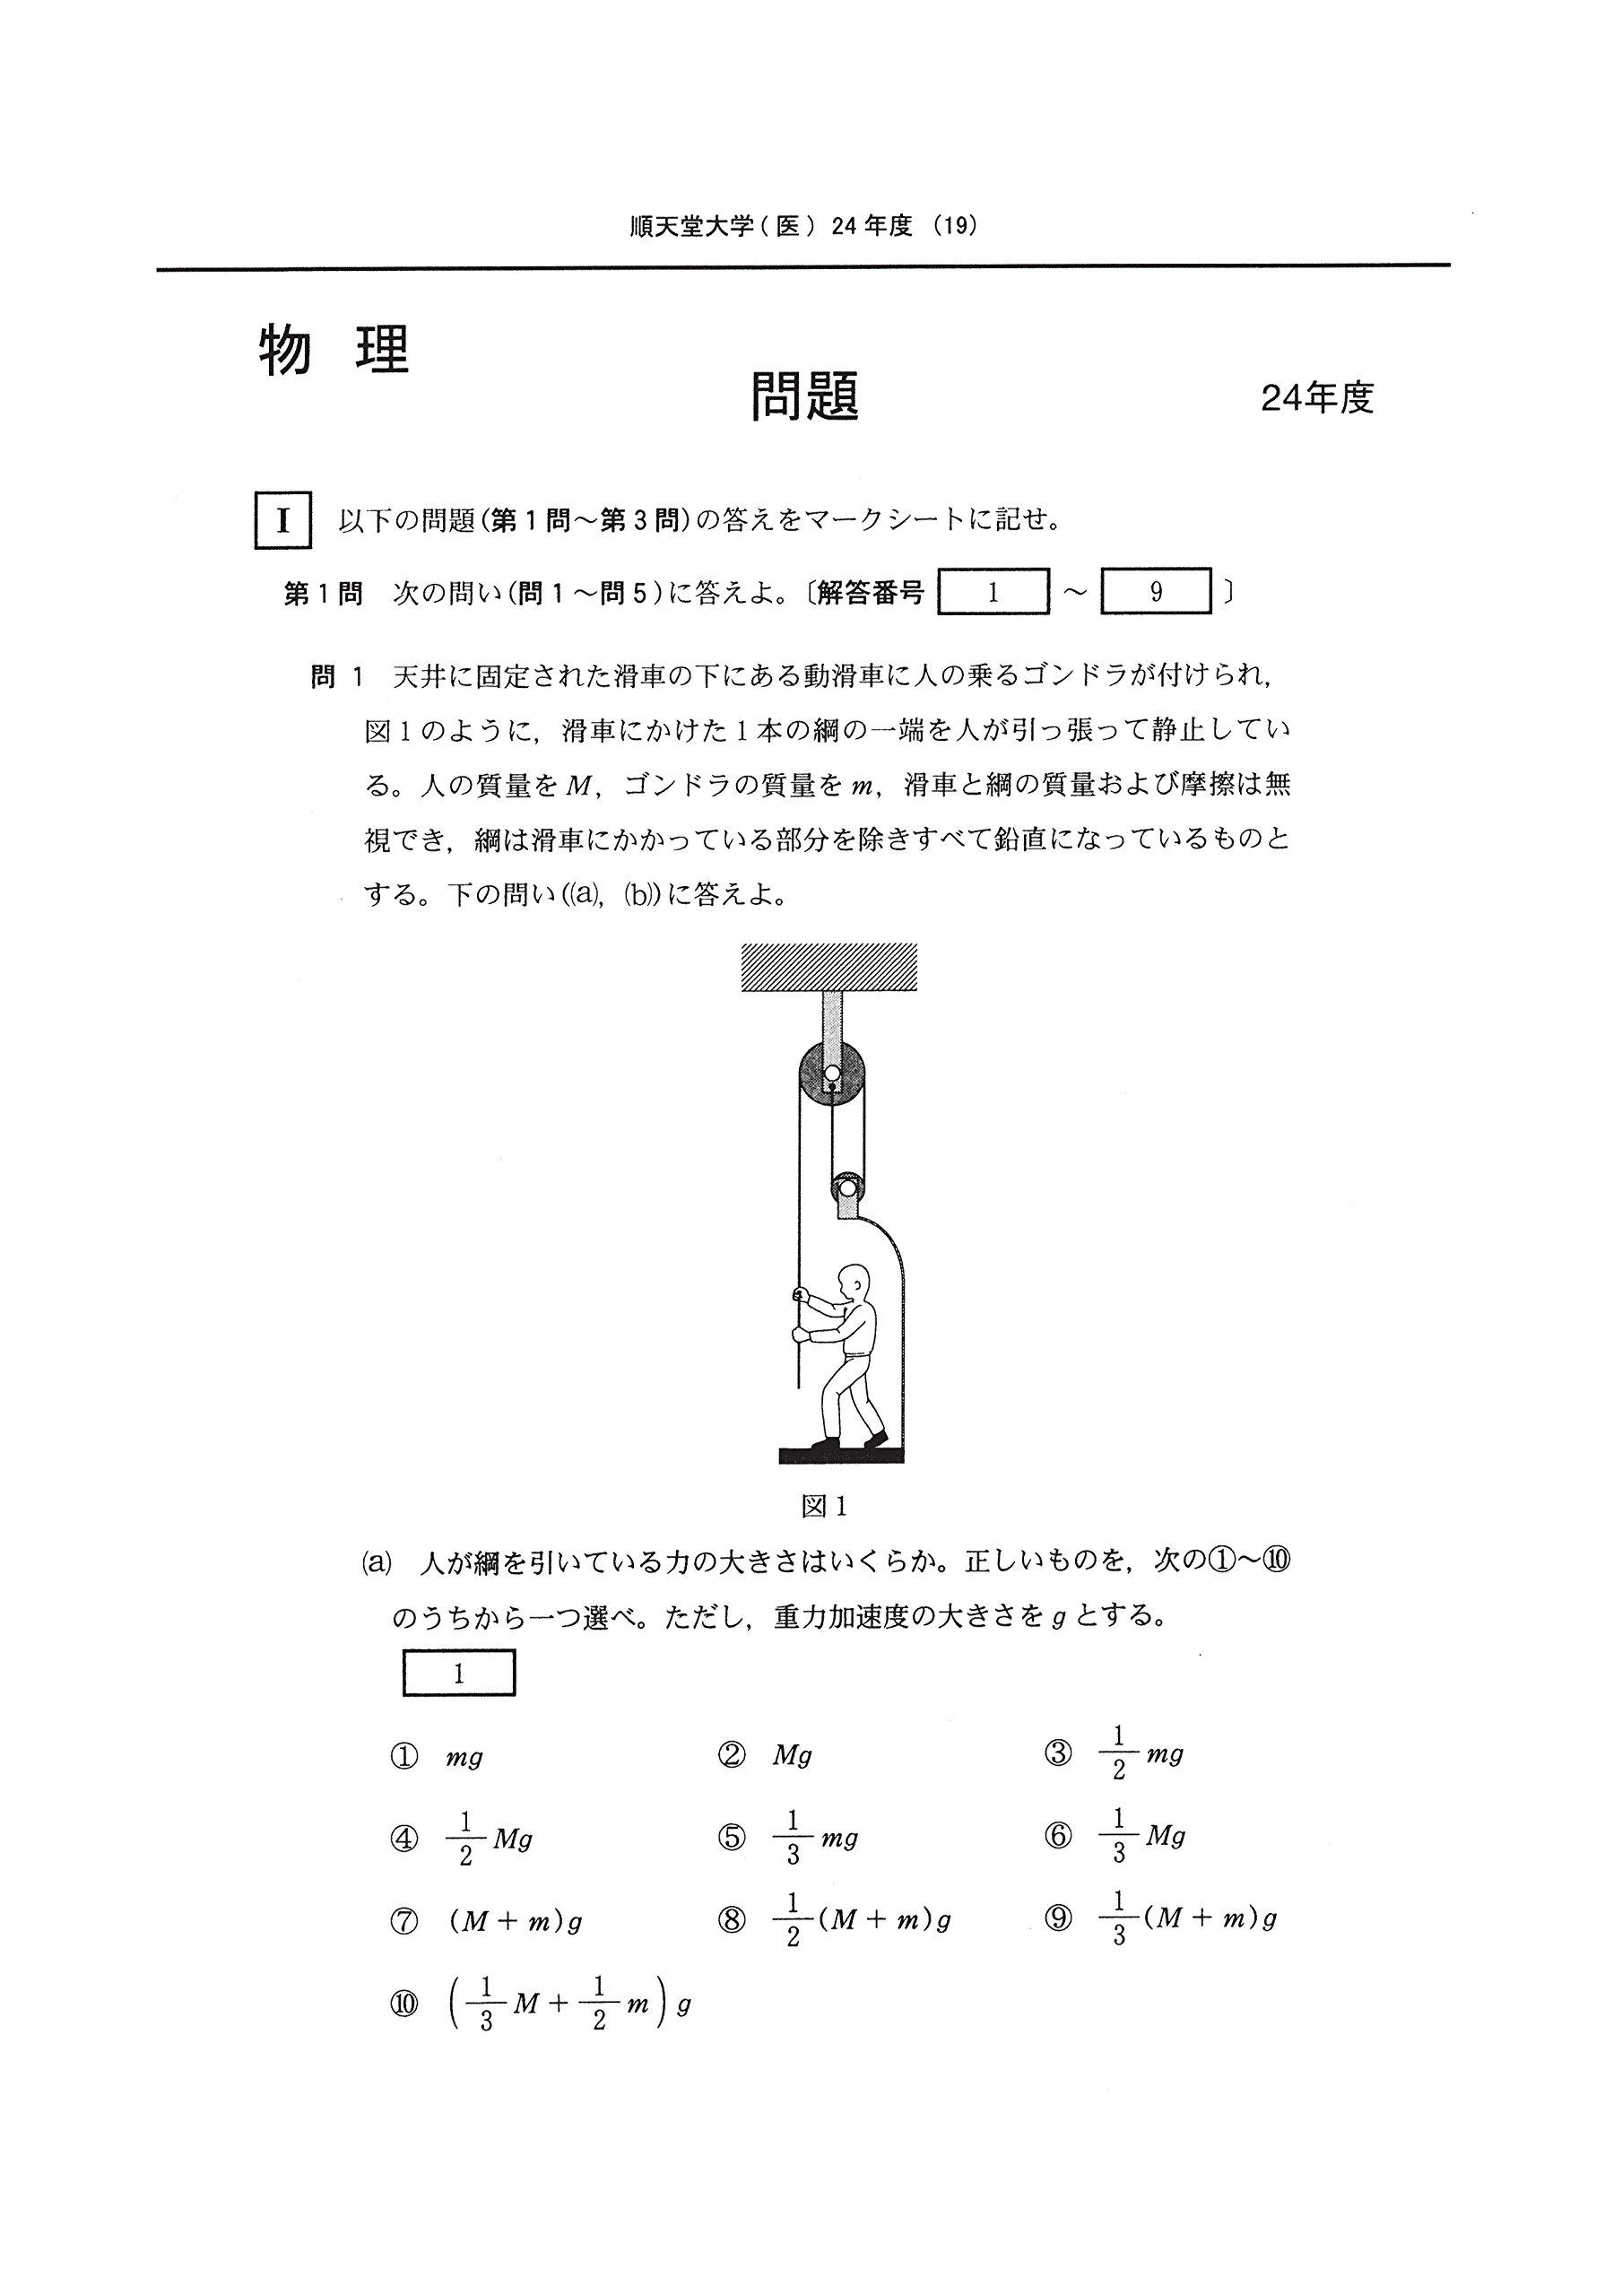 医学部 順天堂 大学